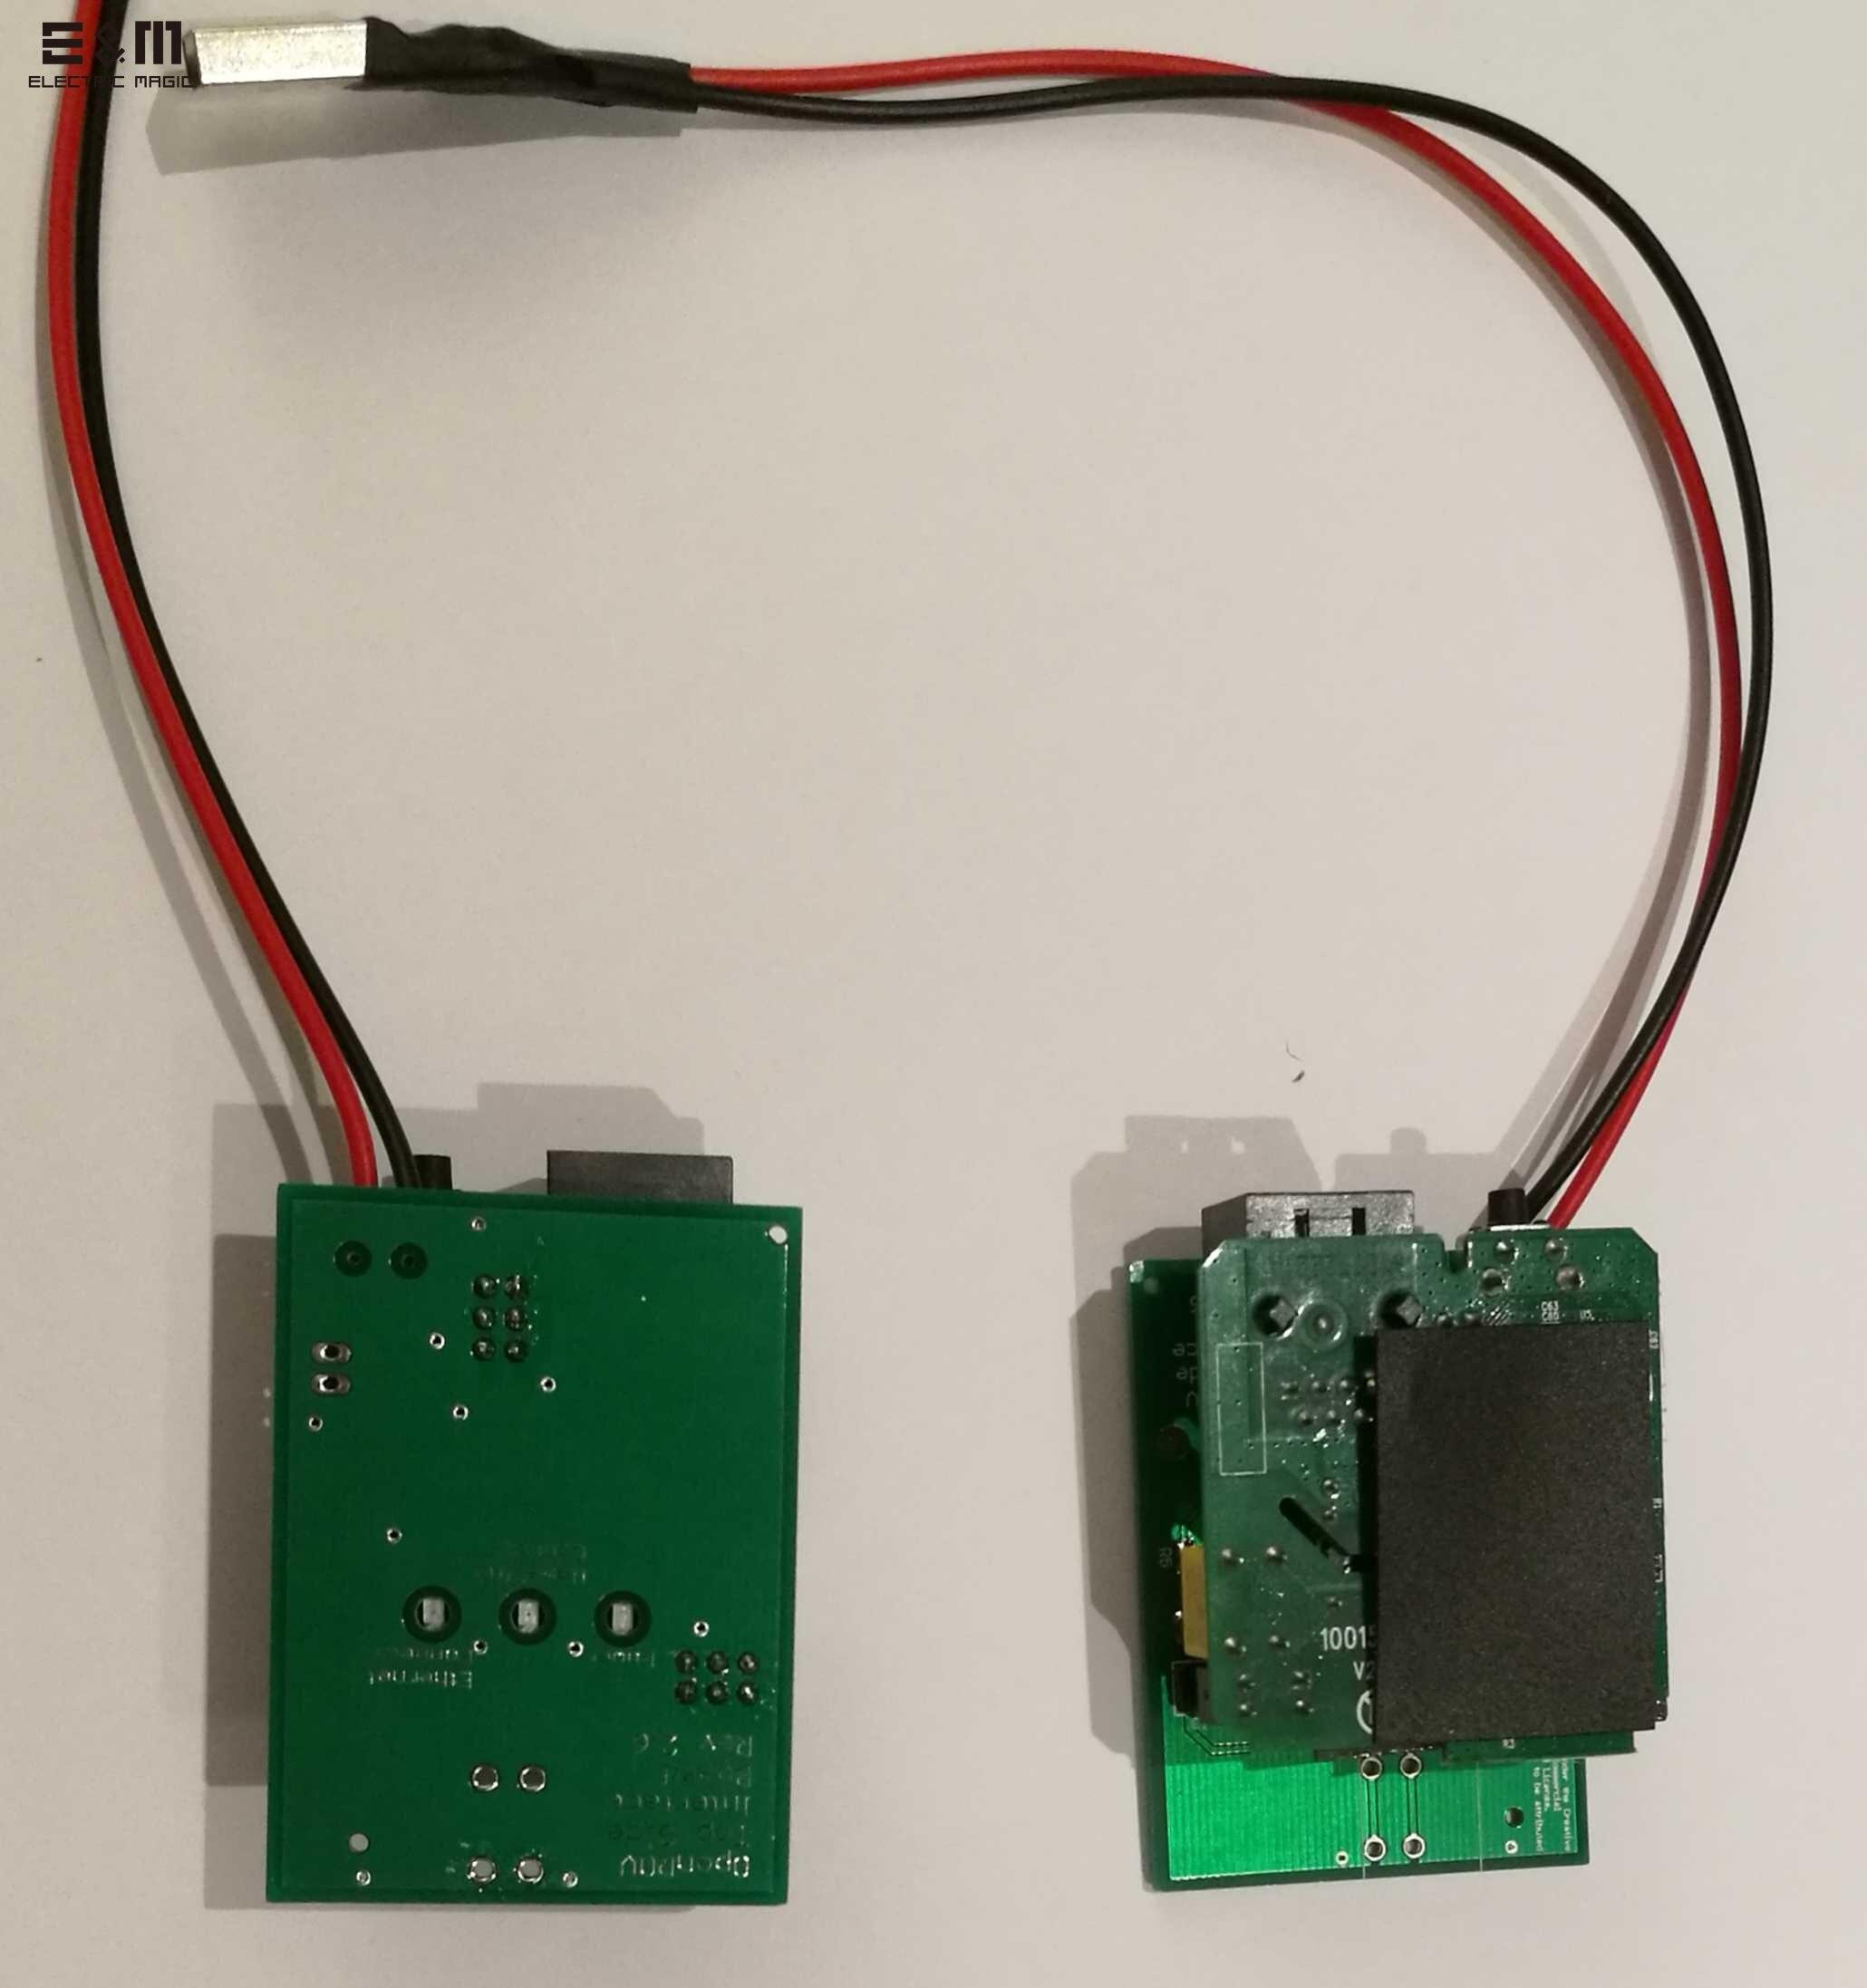 Module de transporteur de puissance de ROV de Communication de réseau à grande vitesse de 200 M pour le véhicule sous-marin de véhicule télécommandé par OpenROV